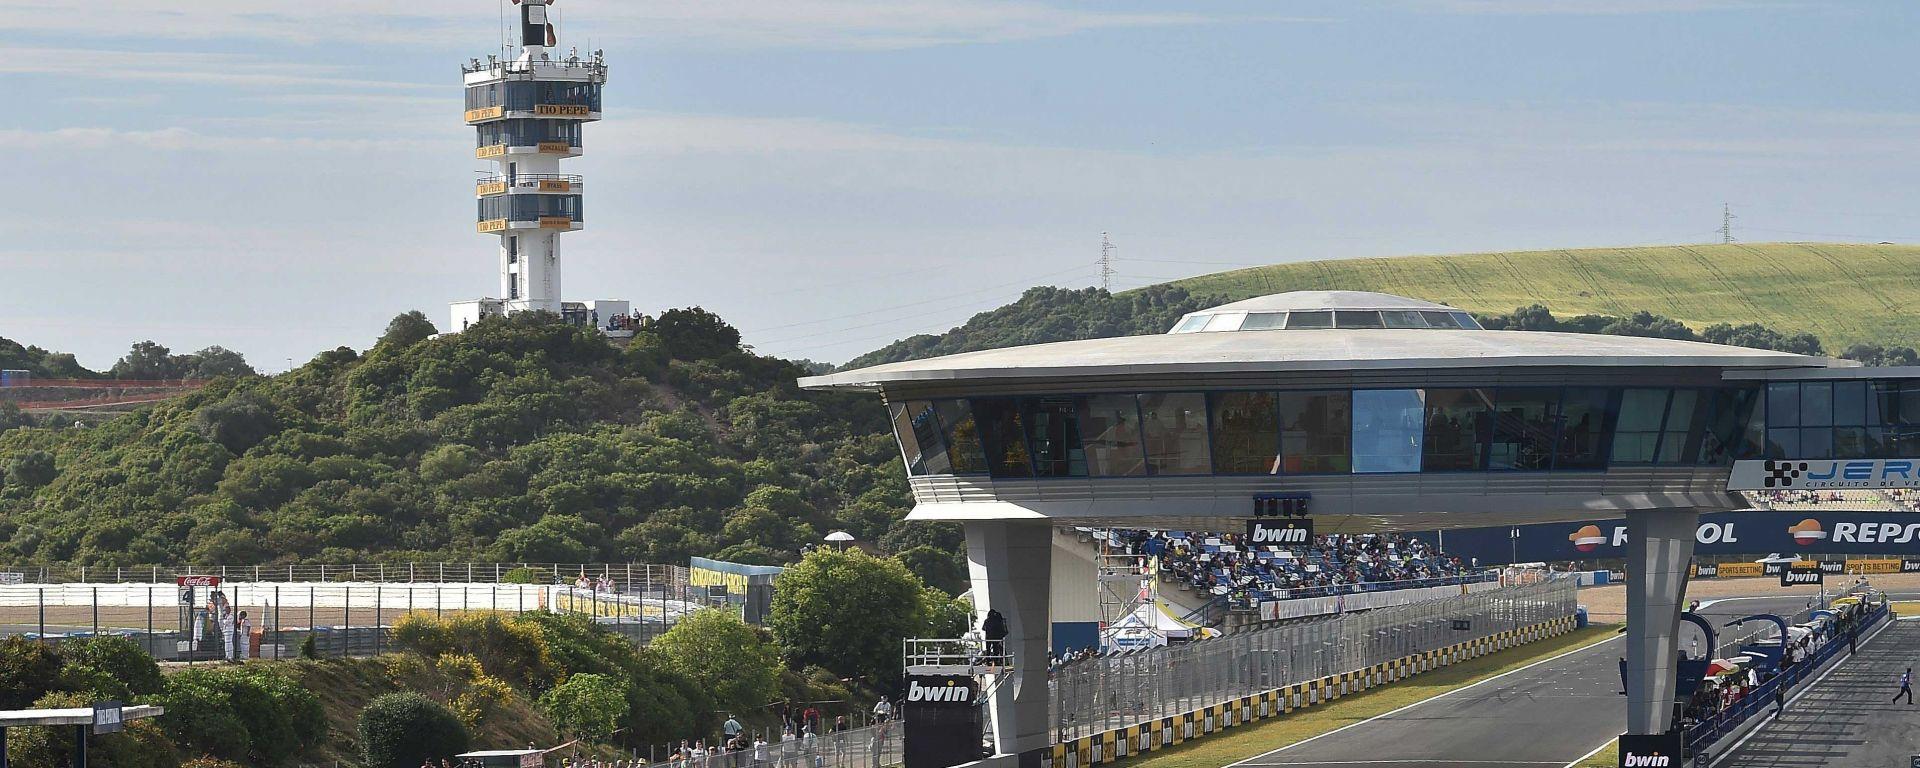 MotoGP Jerez Spagna: Prove libere, qualifiche, risultati gara